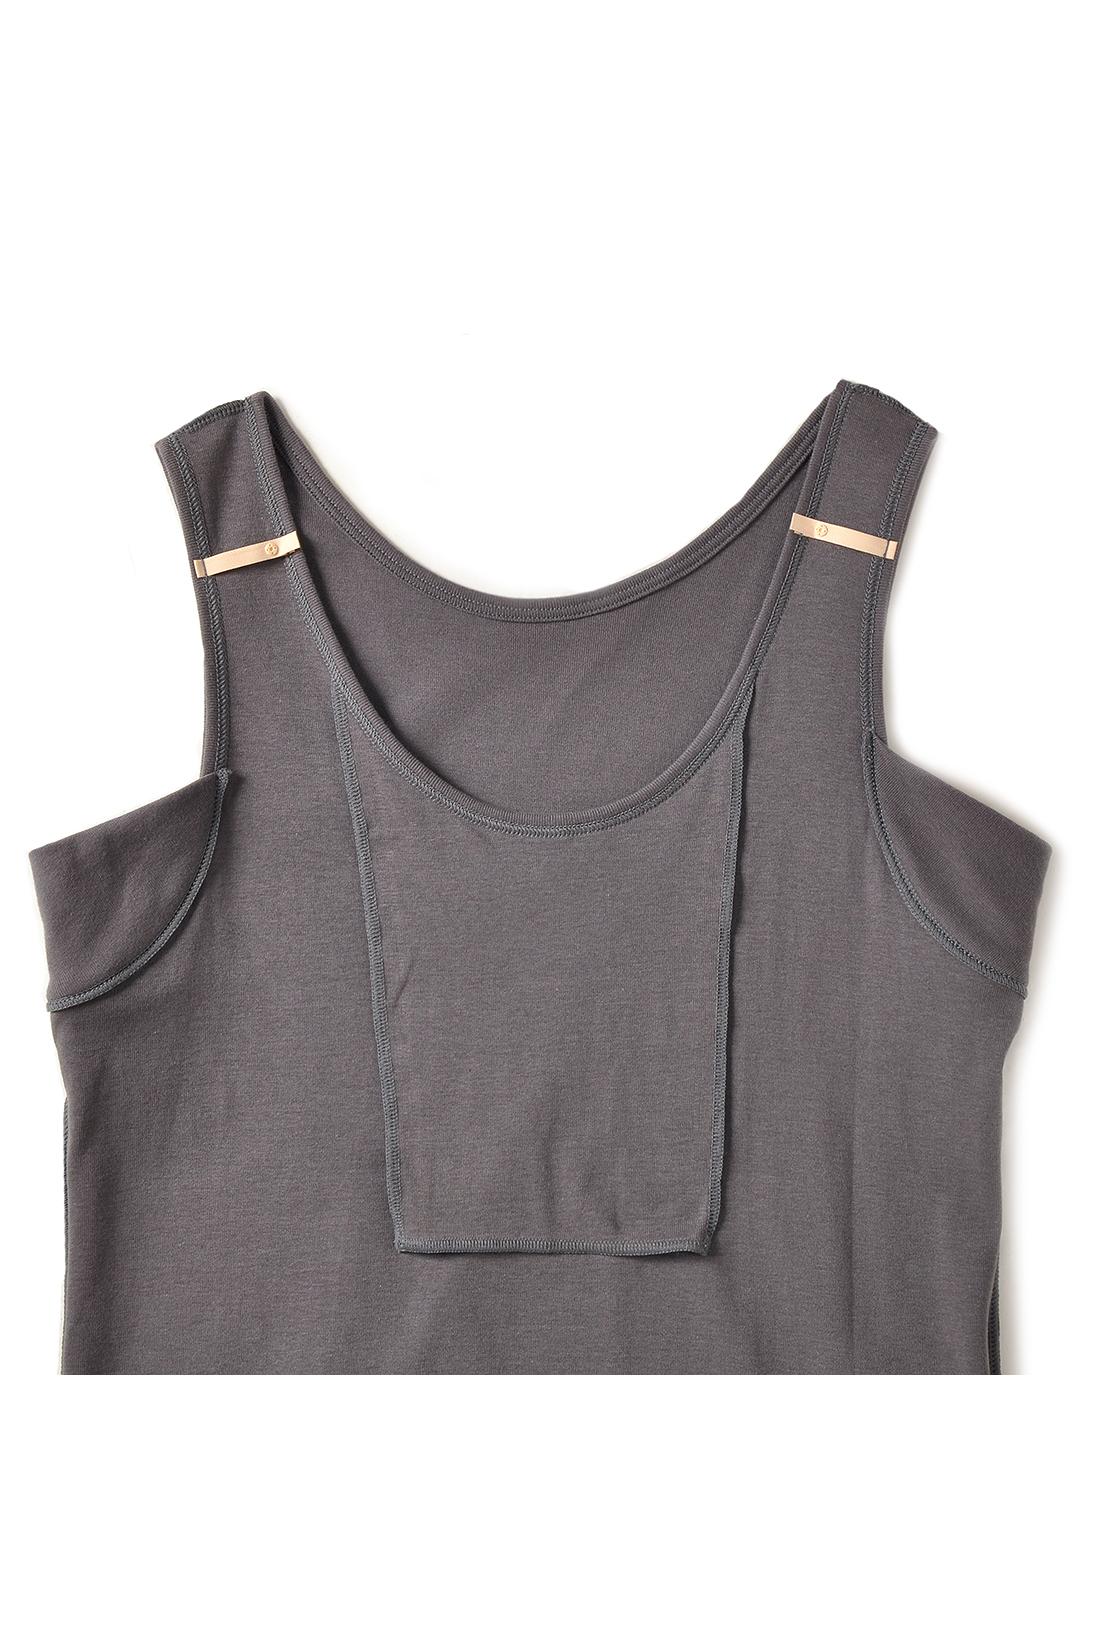 綿100%の素材だから、胸に汗をかいても心地いい。肩からのストラップのチラ見えを防ぐホルダーも付いています。